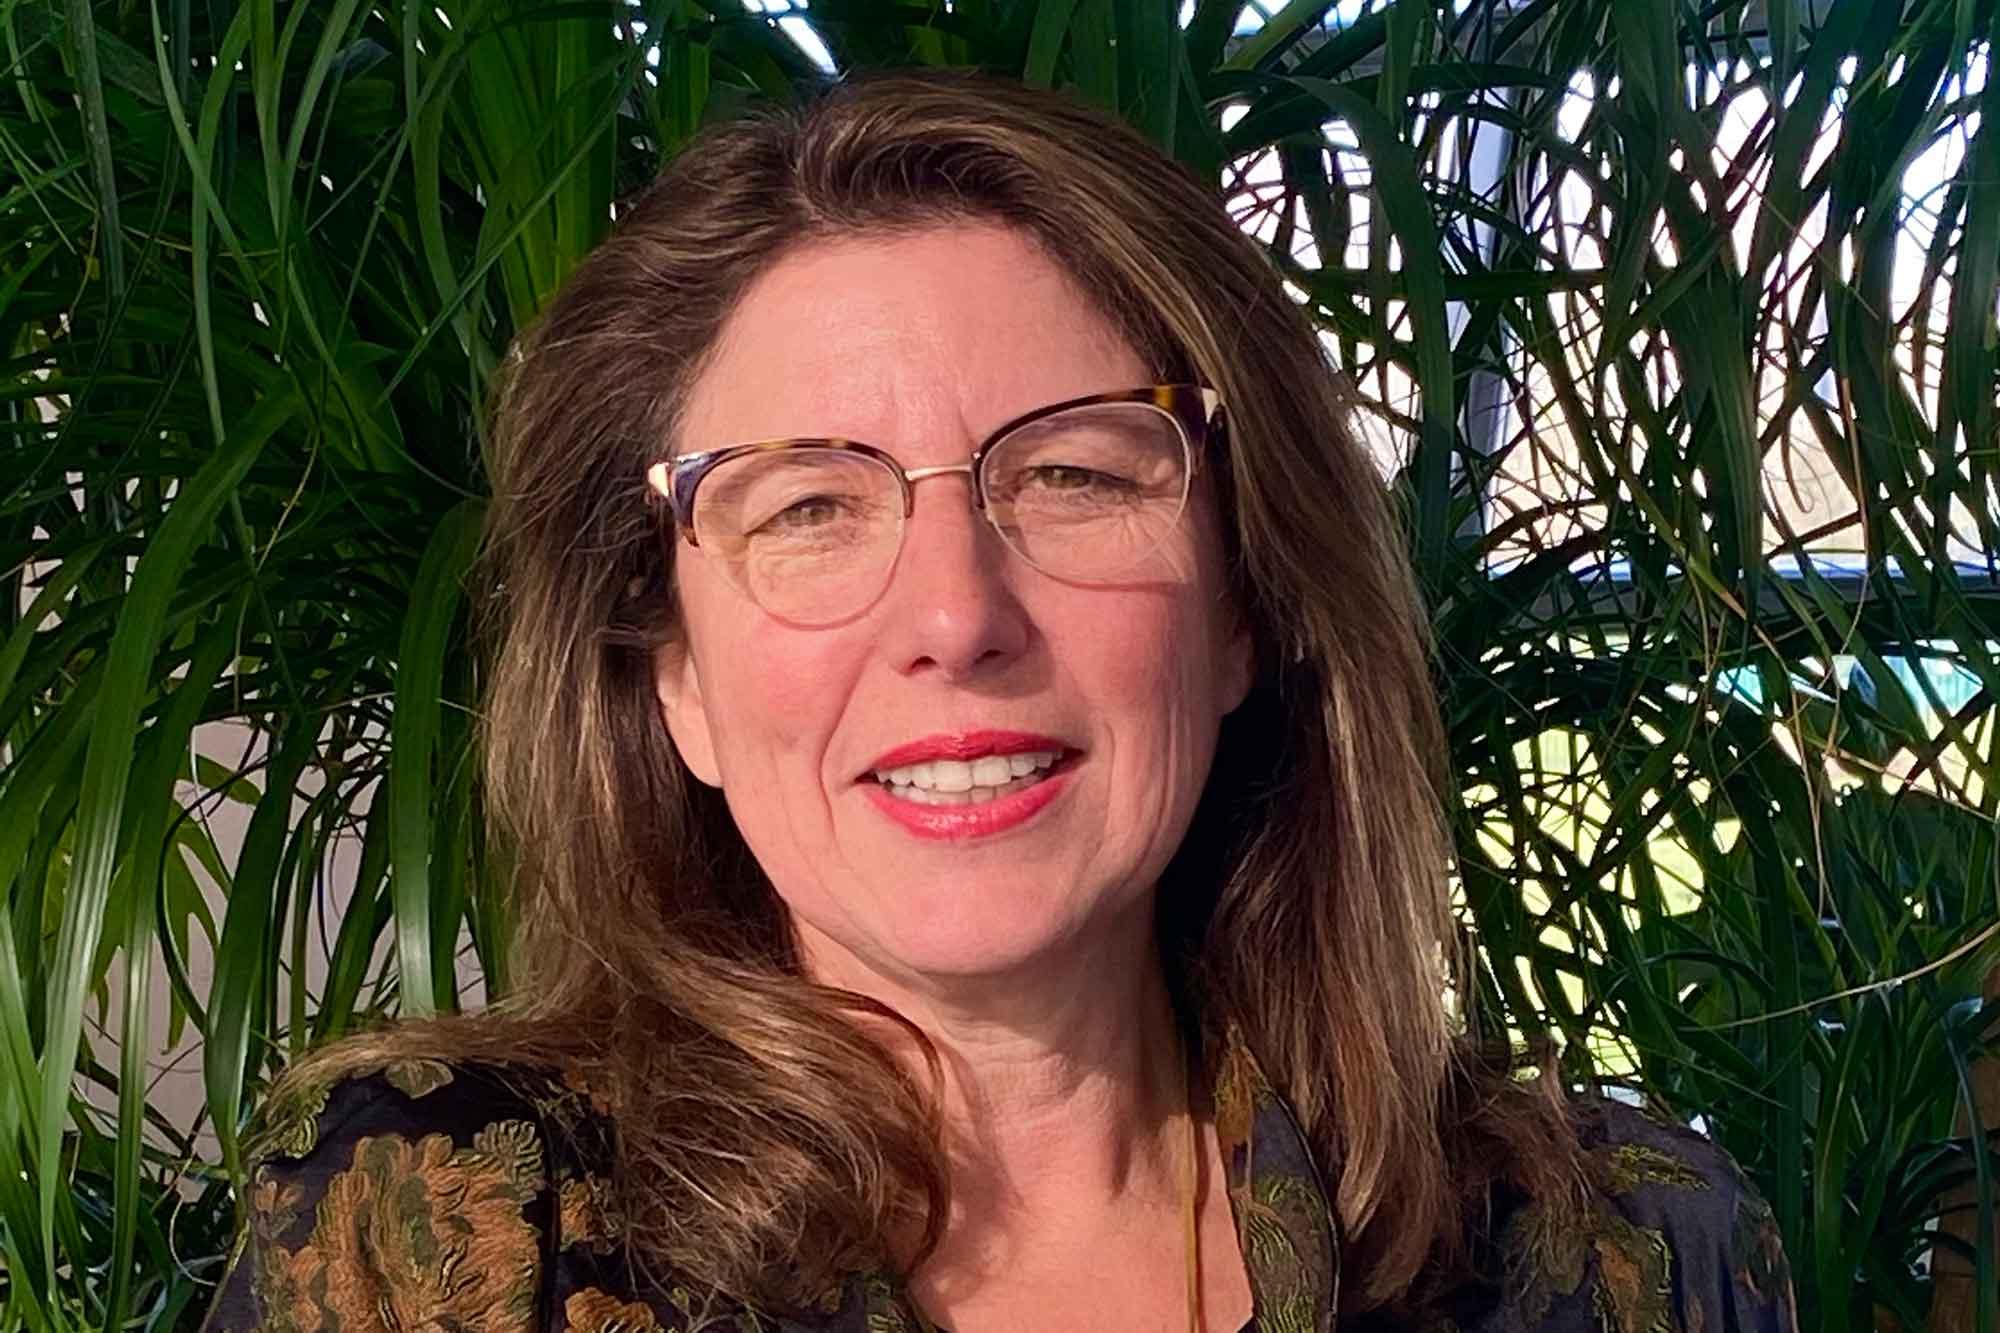 Connie Paasse